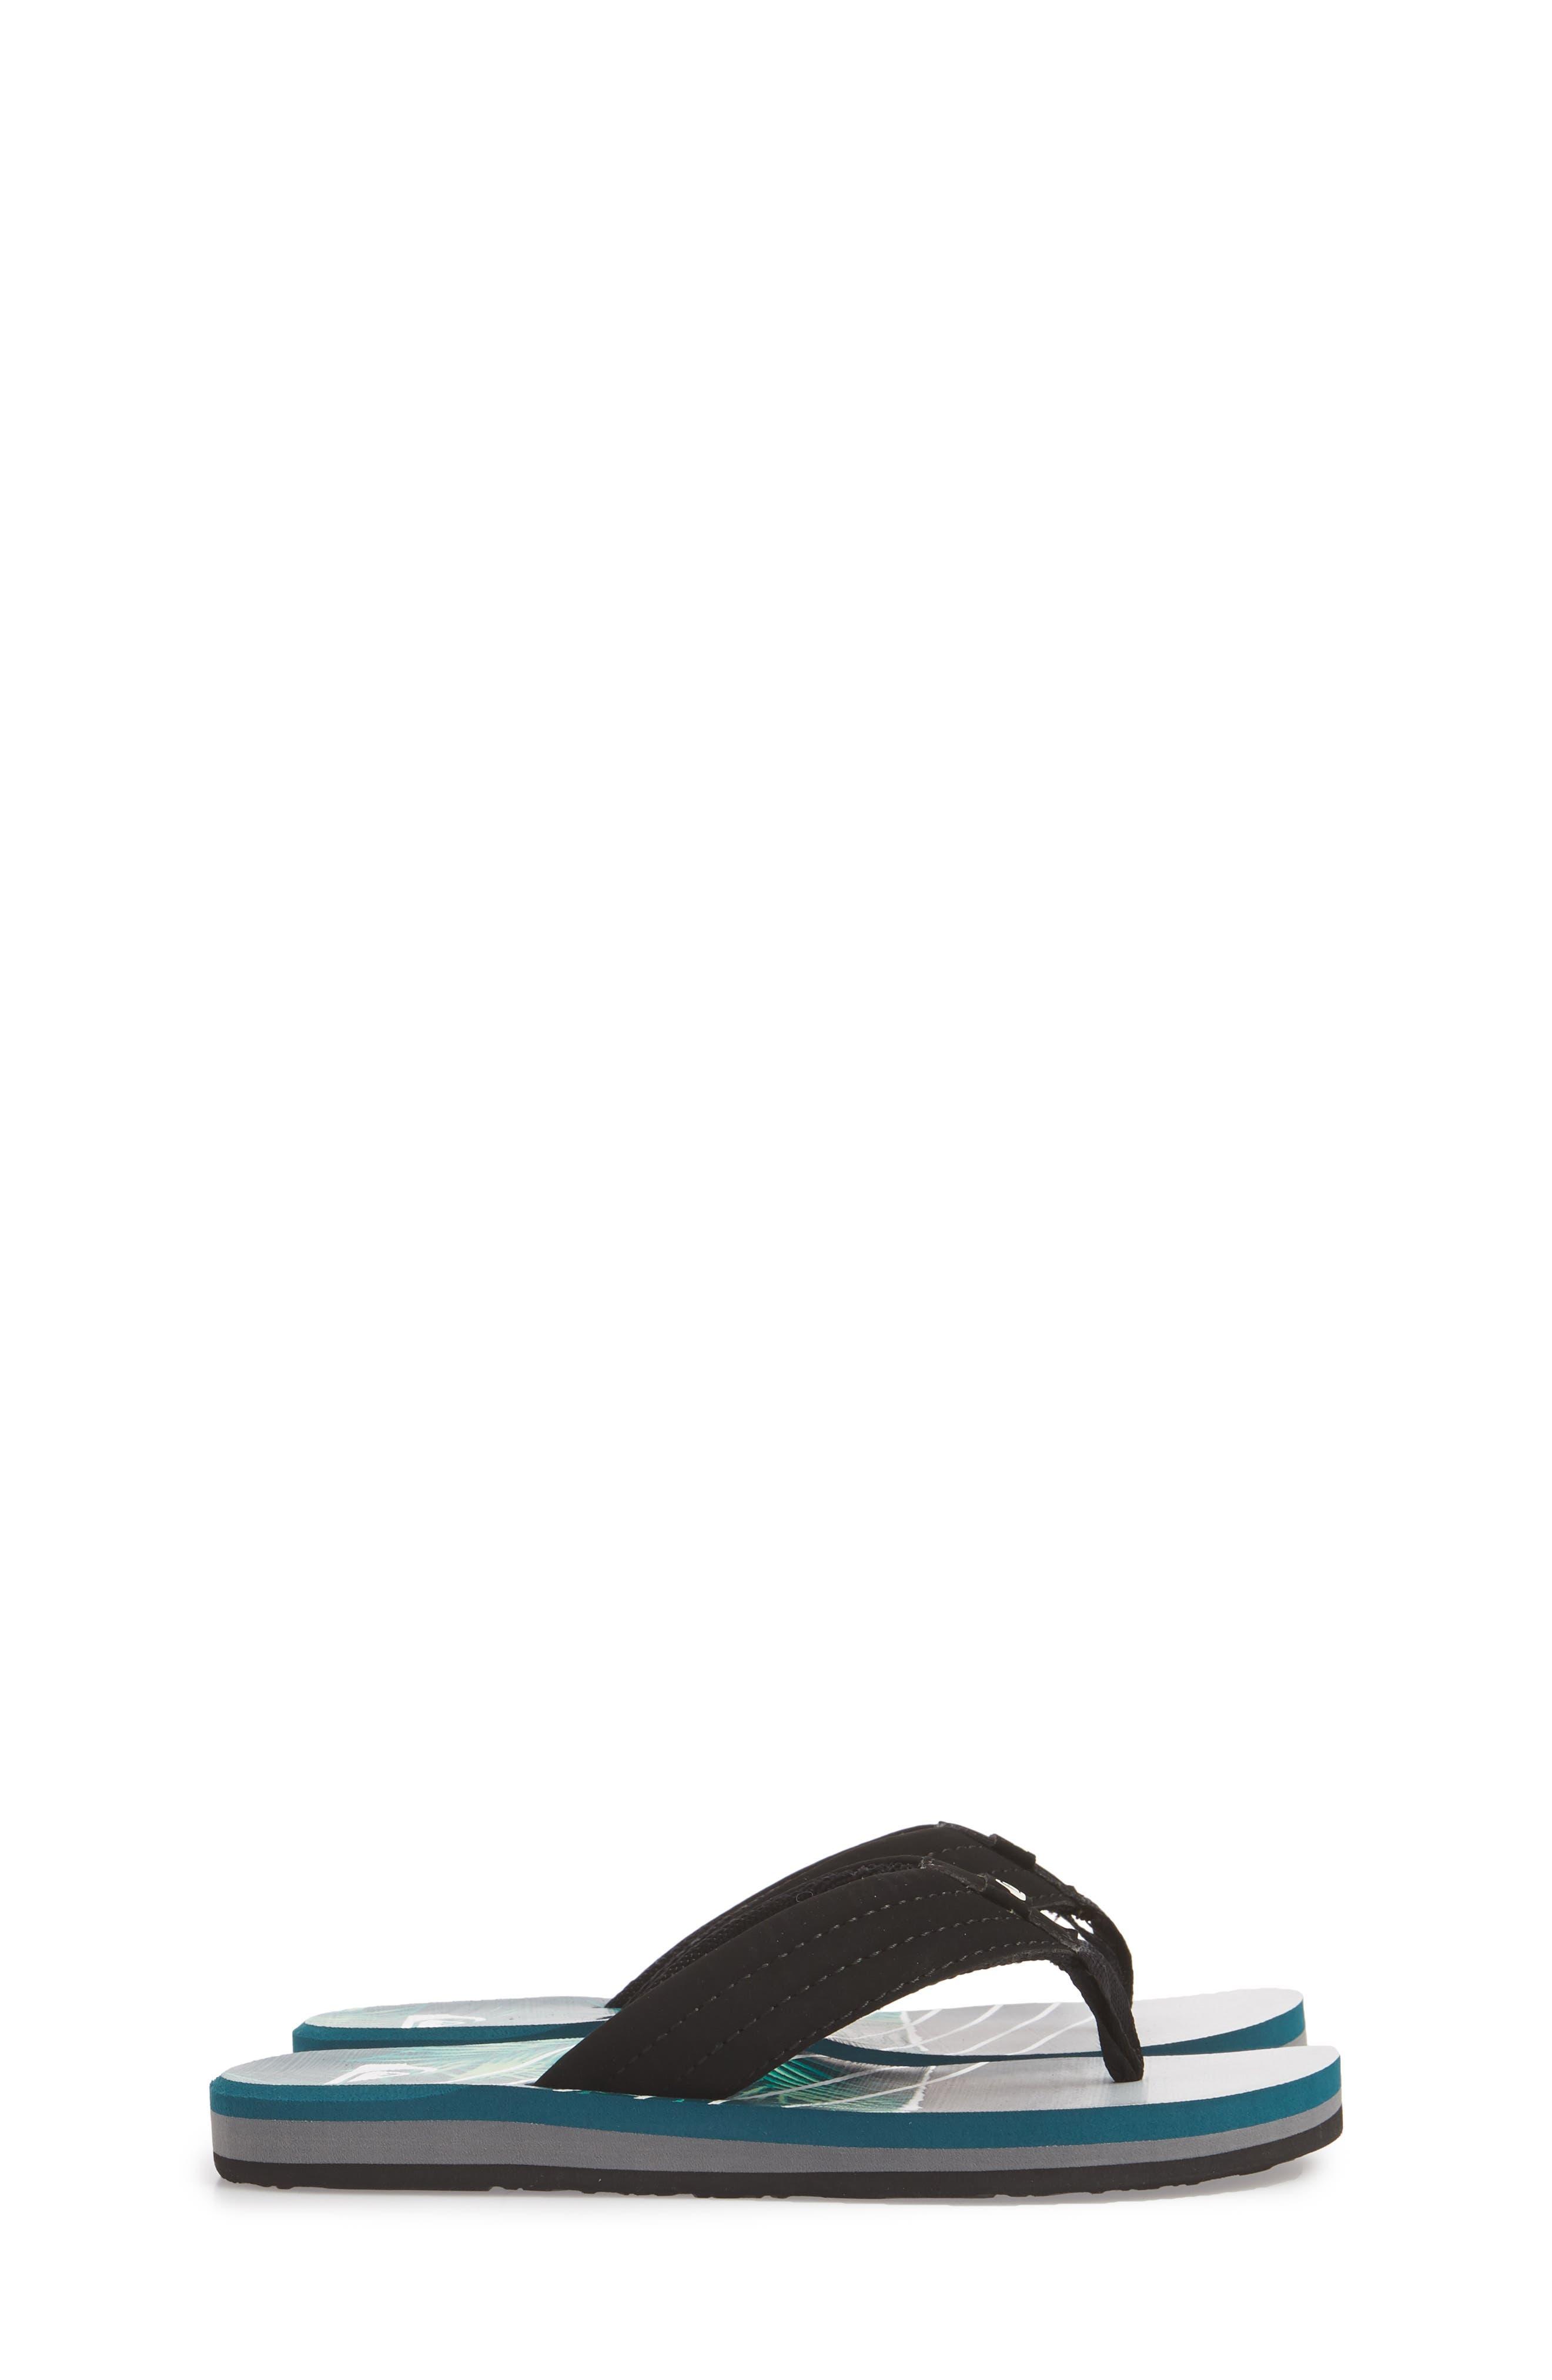 Carver Flip Flop,                             Alternate thumbnail 4, color,                             Black/ Green